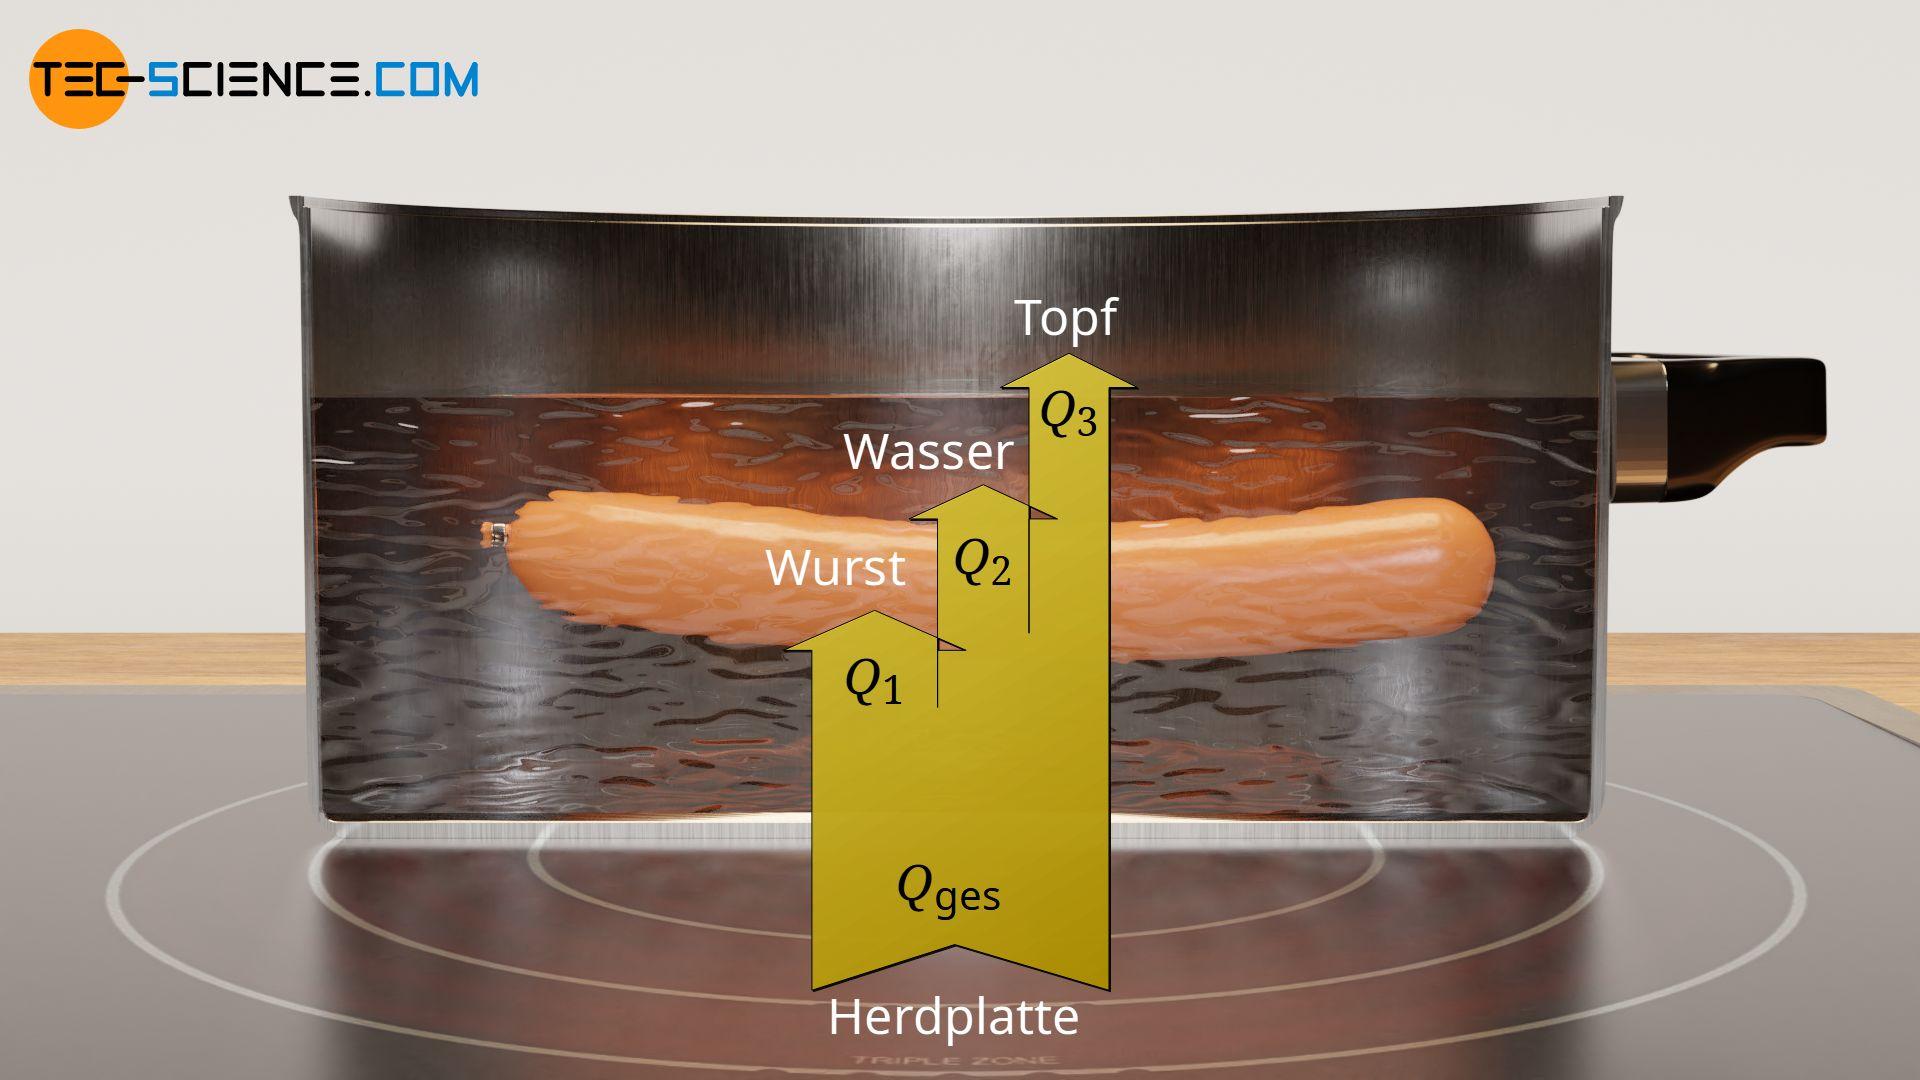 Energieflussdiagramm der Erwärmung eines Topfes mit Wasser mit einer Wurst darin